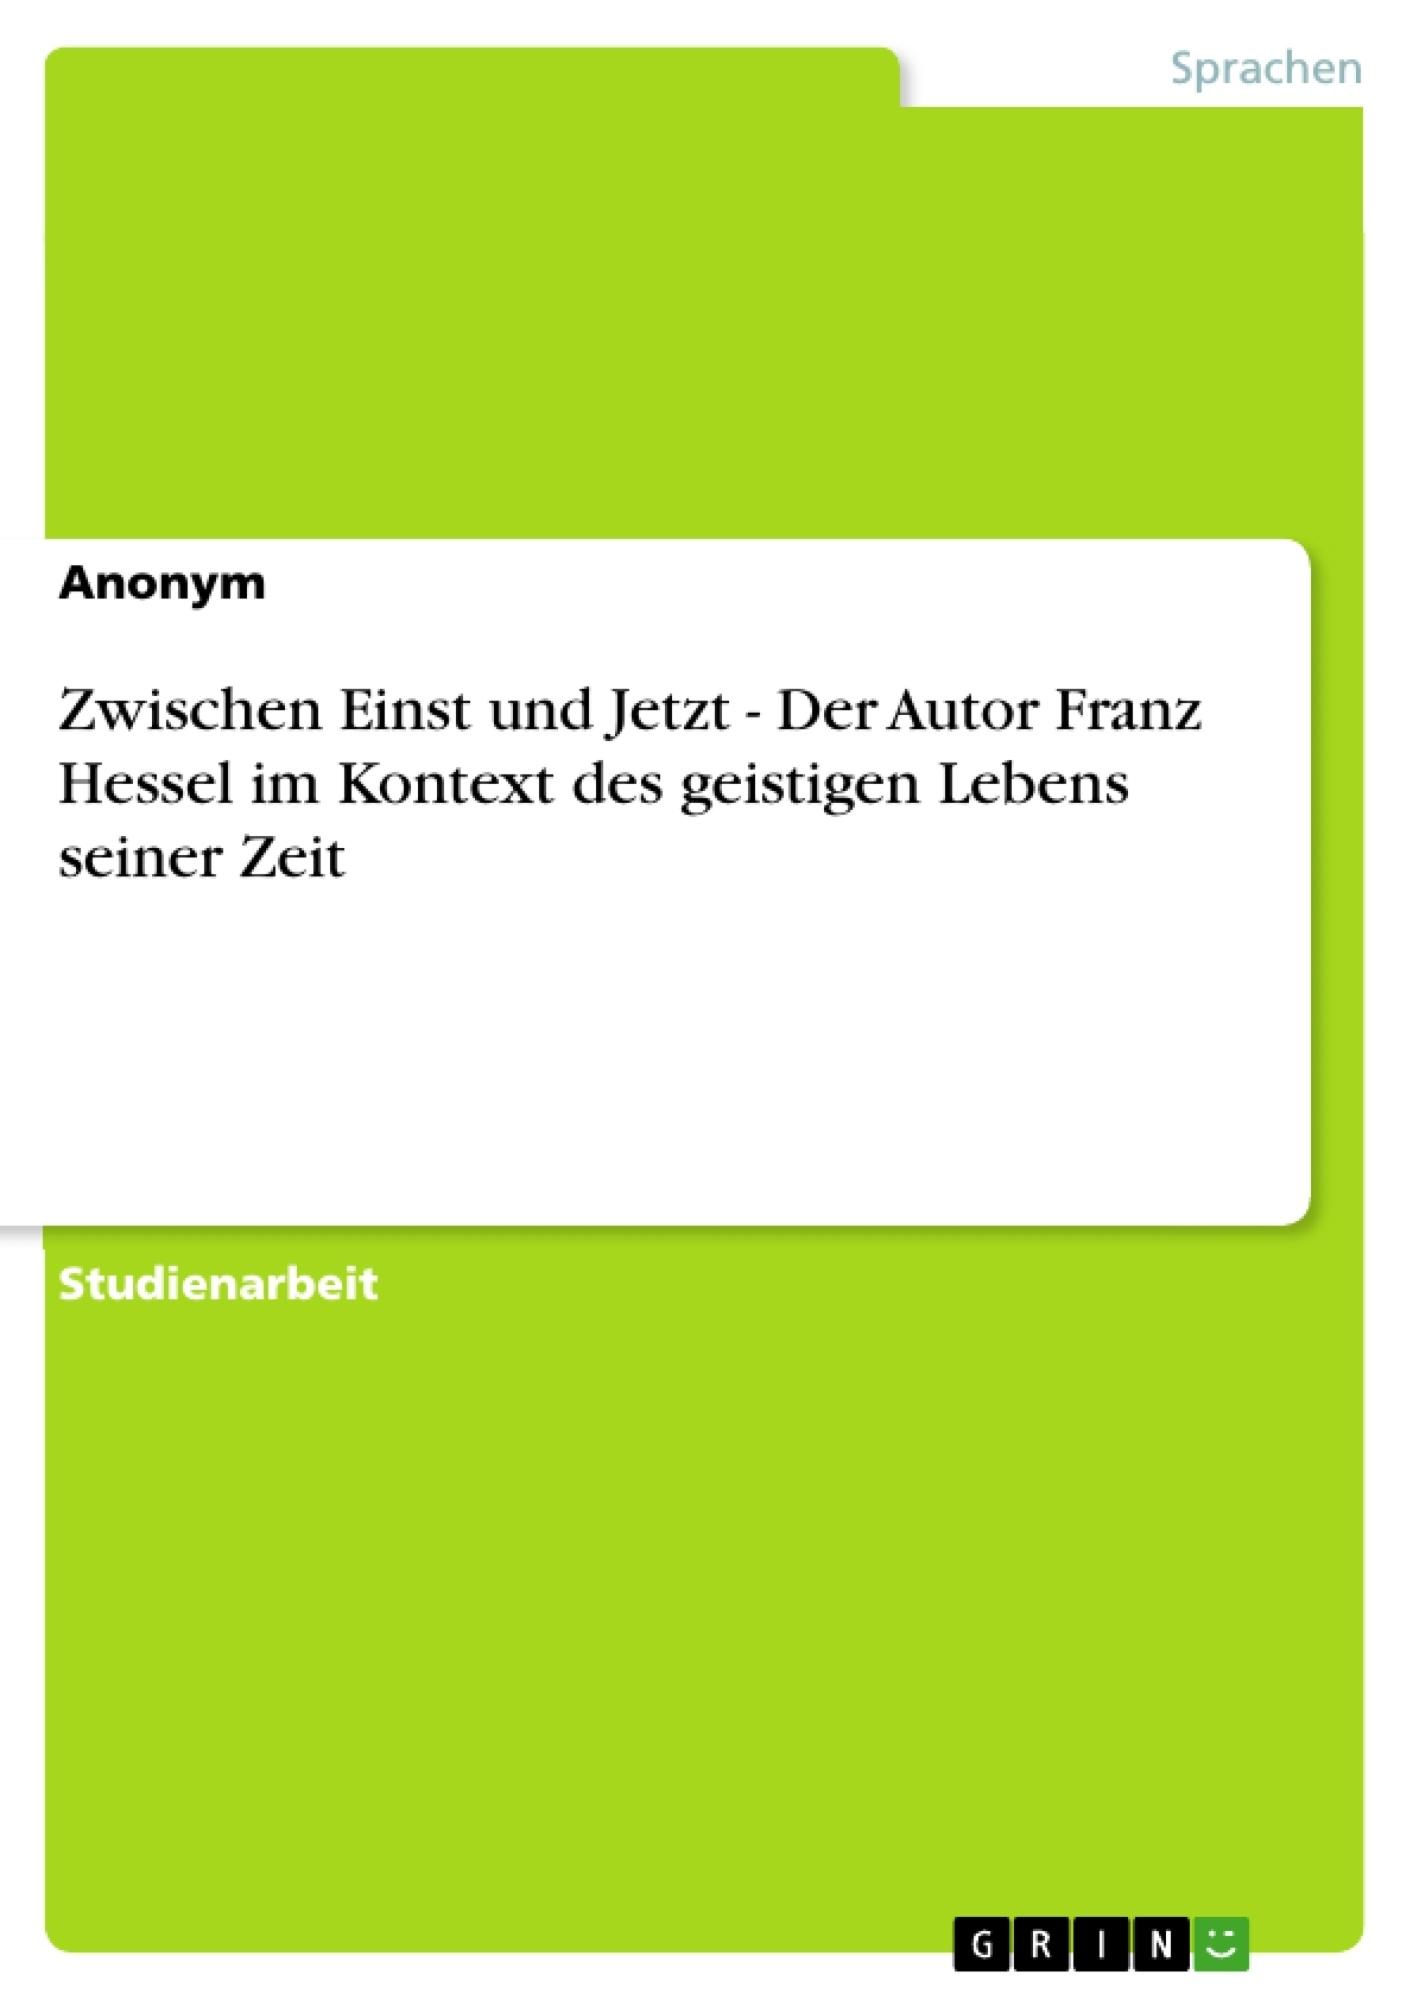 Titel: Zwischen Einst und Jetzt - Der Autor Franz Hessel im Kontext des geistigen Lebens seiner Zeit